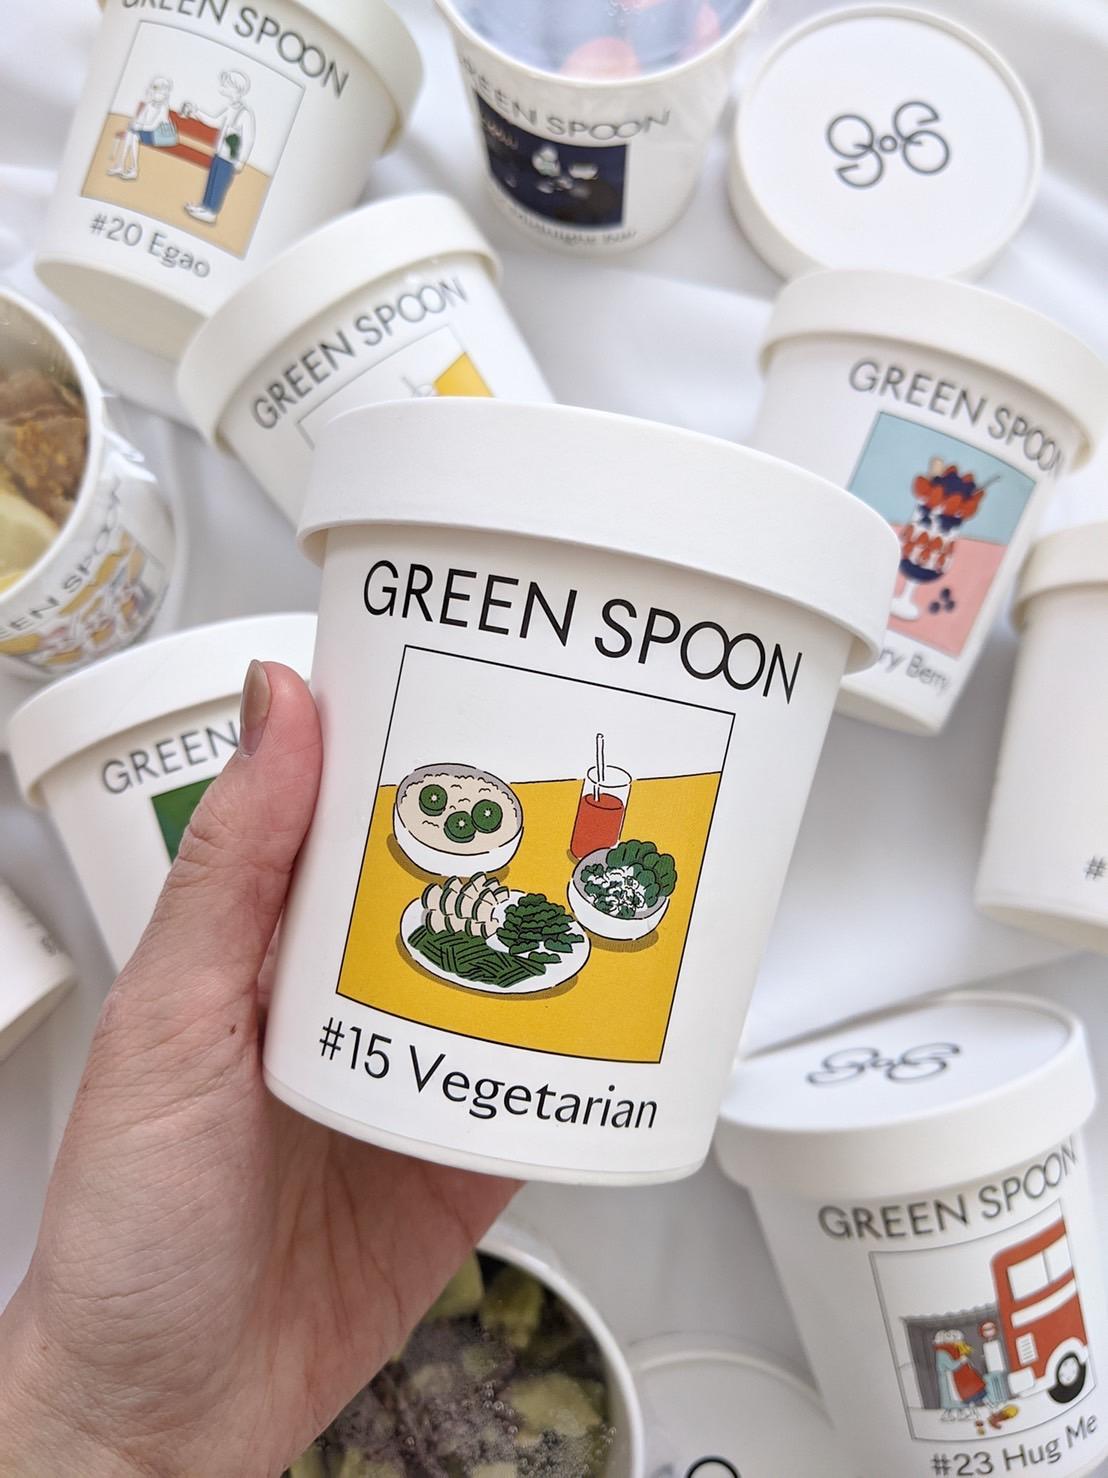 【グリーンスプーンスムージー】何種類もの野菜や果物が入った冷凍スムージー!定期便で購入しており、朝に飲んでももちろんGOOD♪